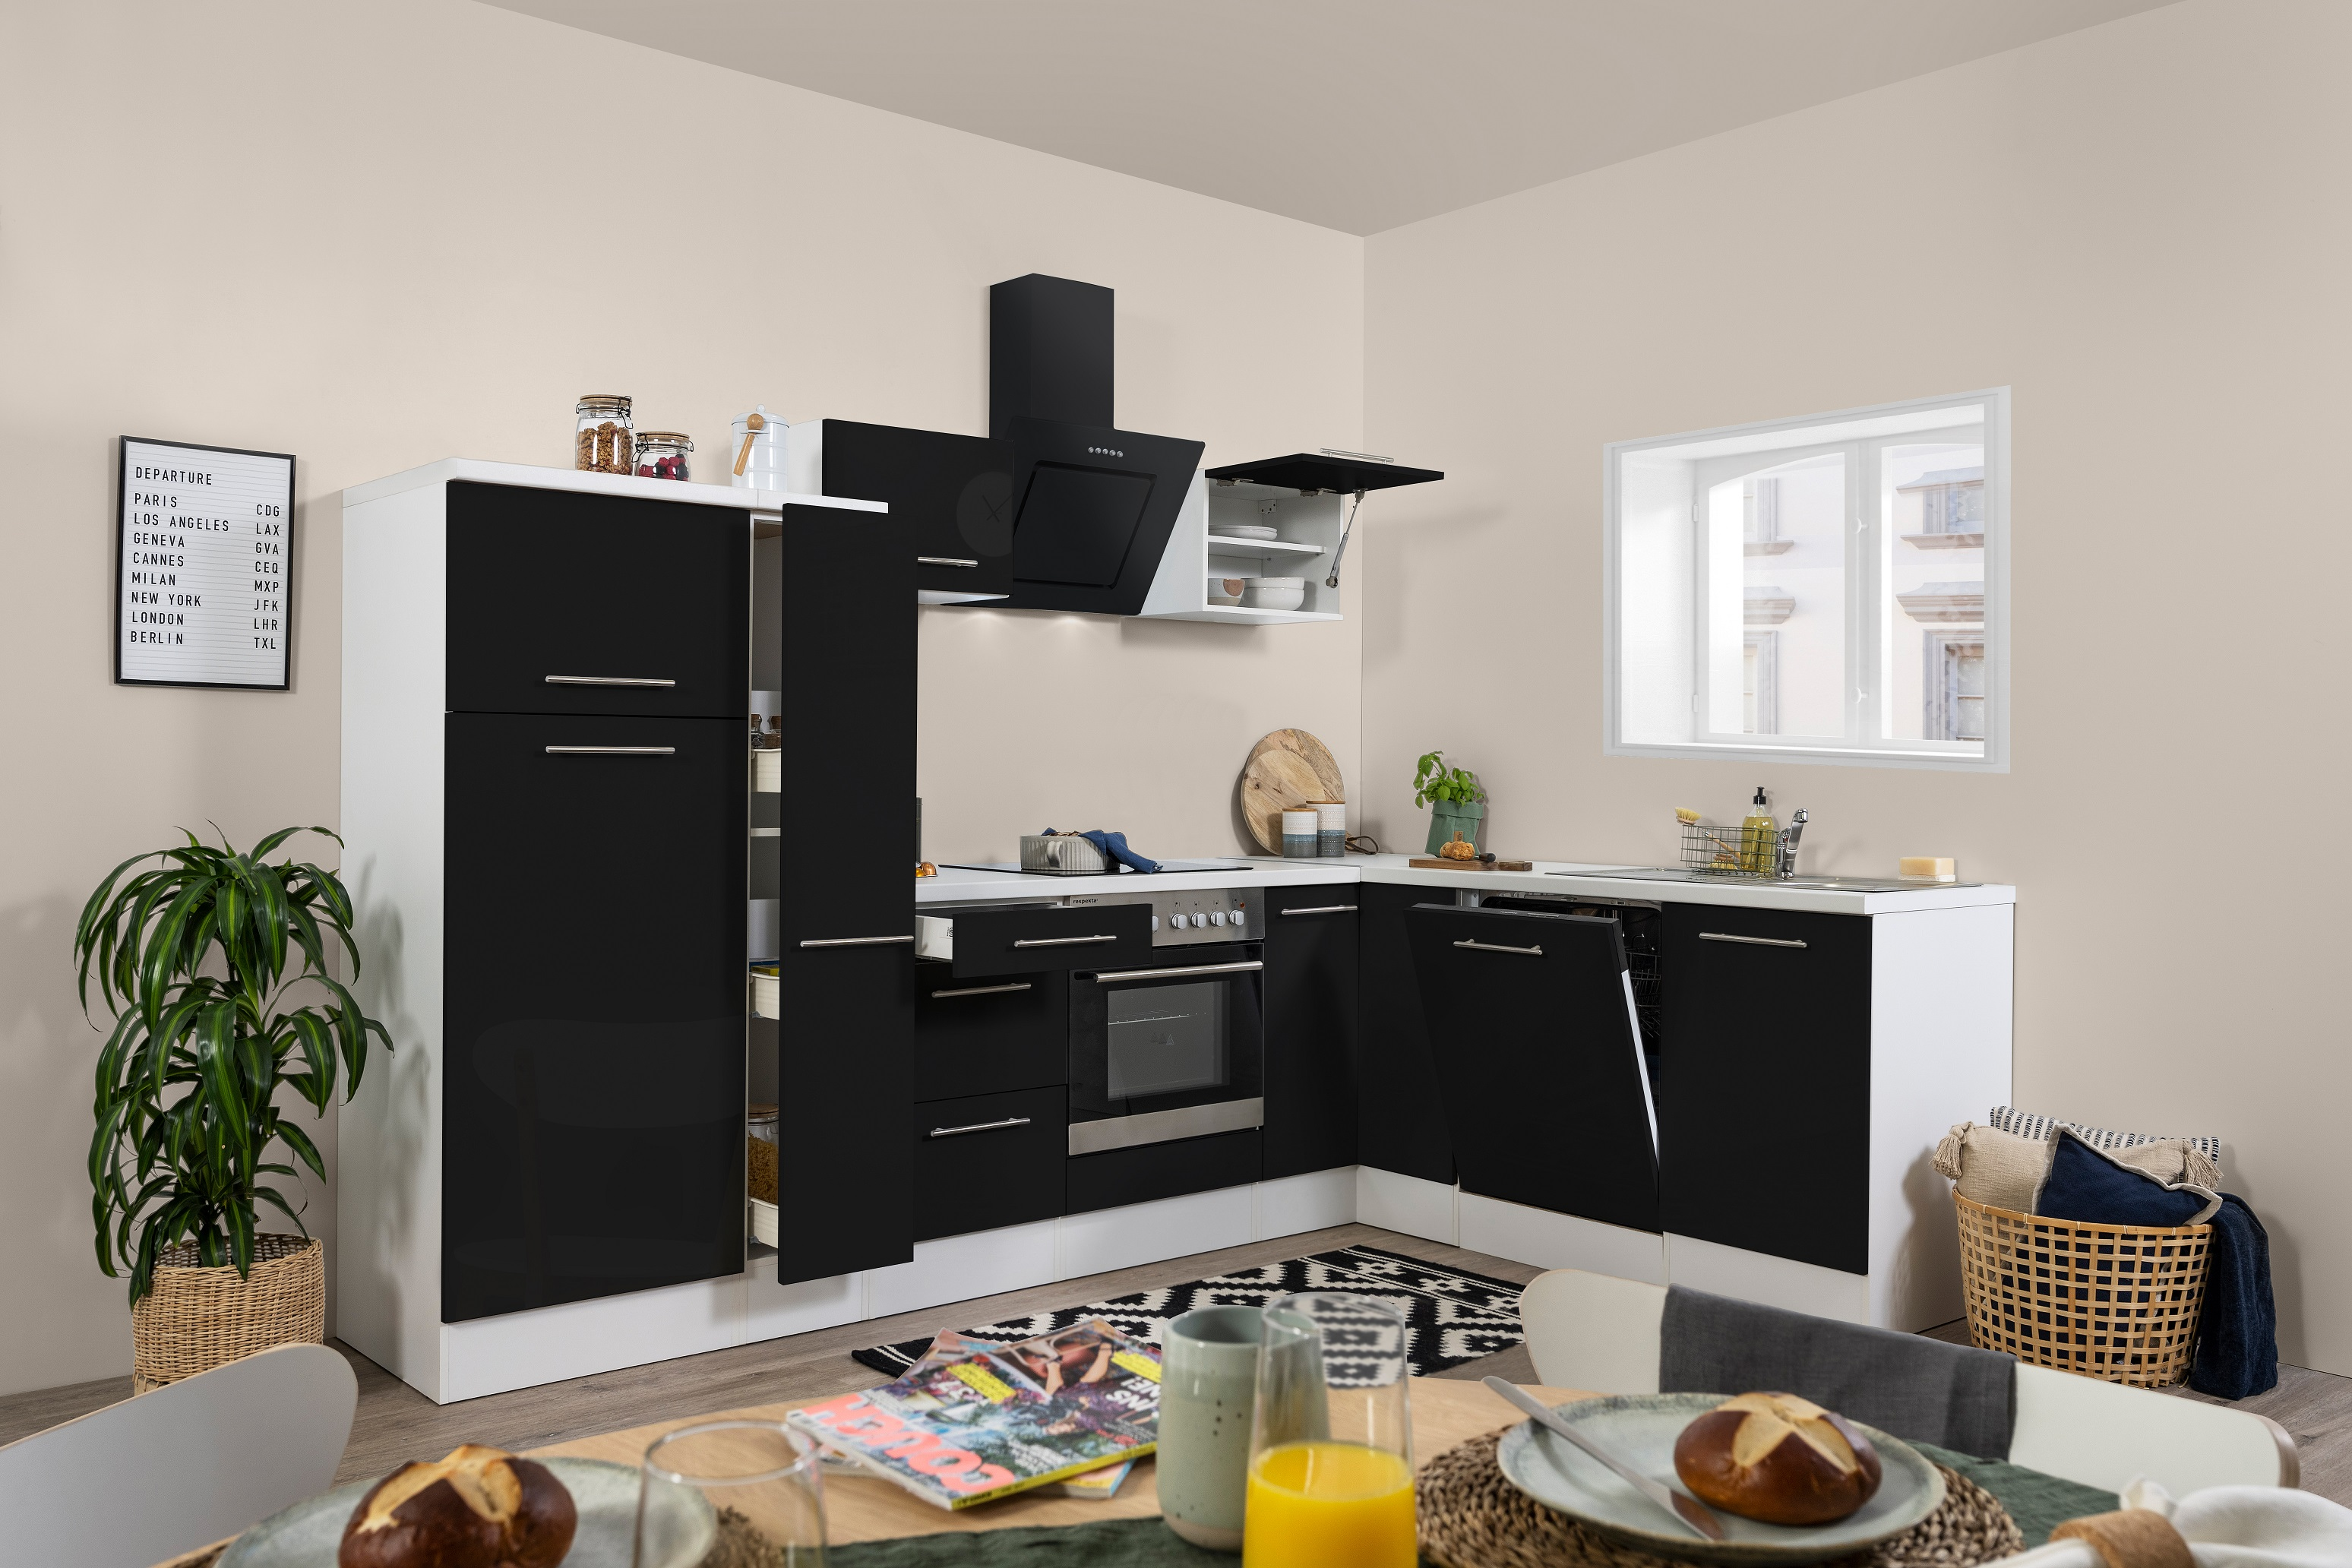 Winkelküche Küchenzeile L-Form Küche Einbauküche weiß schwarz 290x200cm respekta